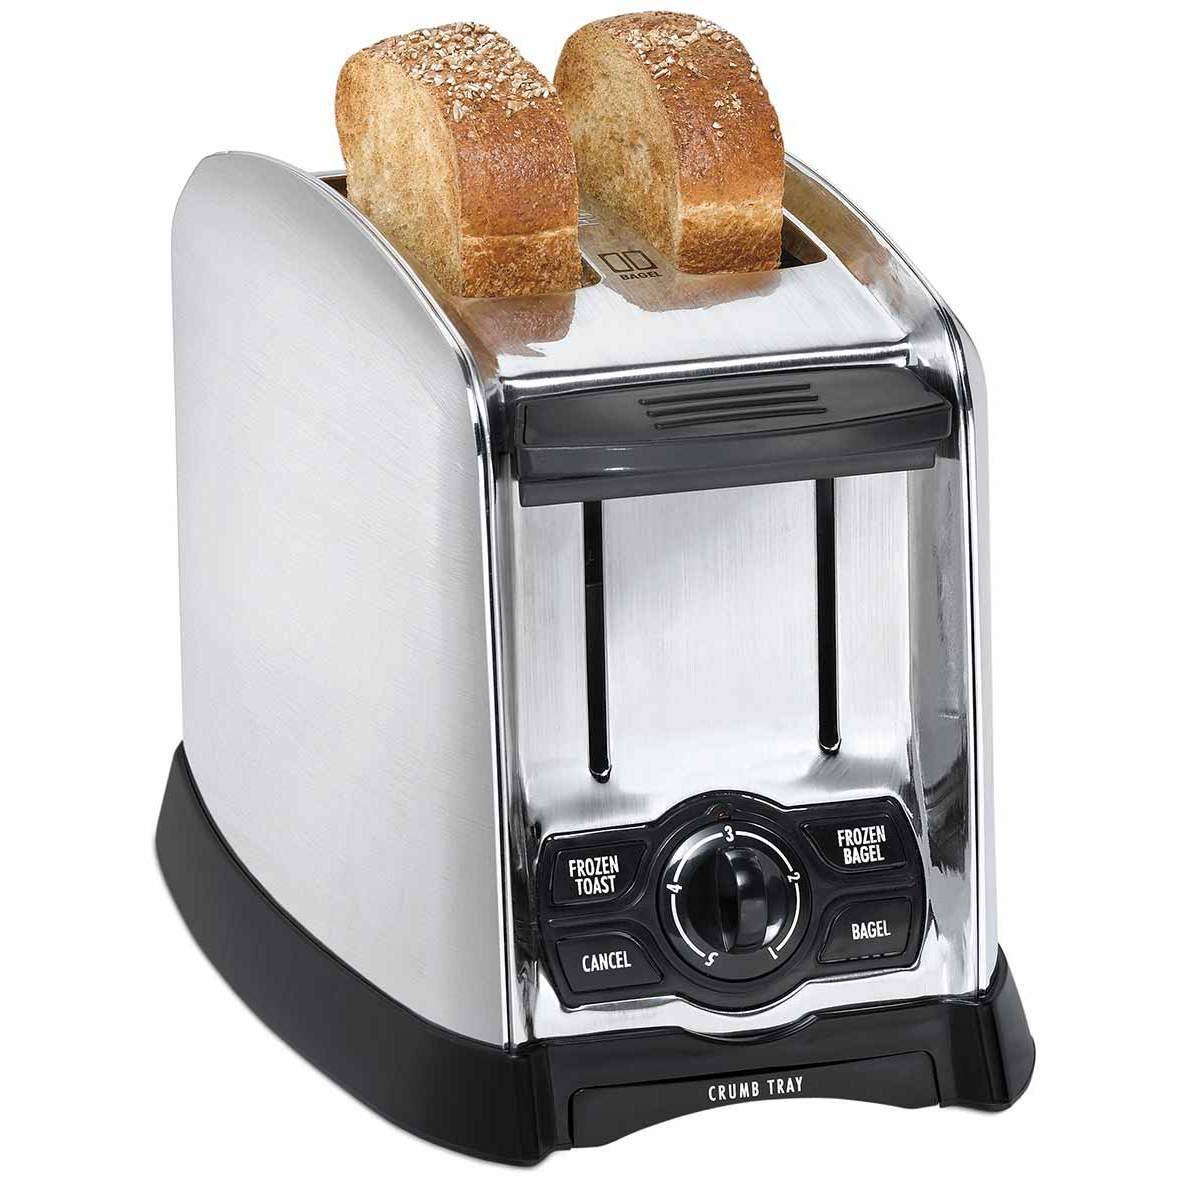 PerfectToast 2 Slice Toaster (22800)